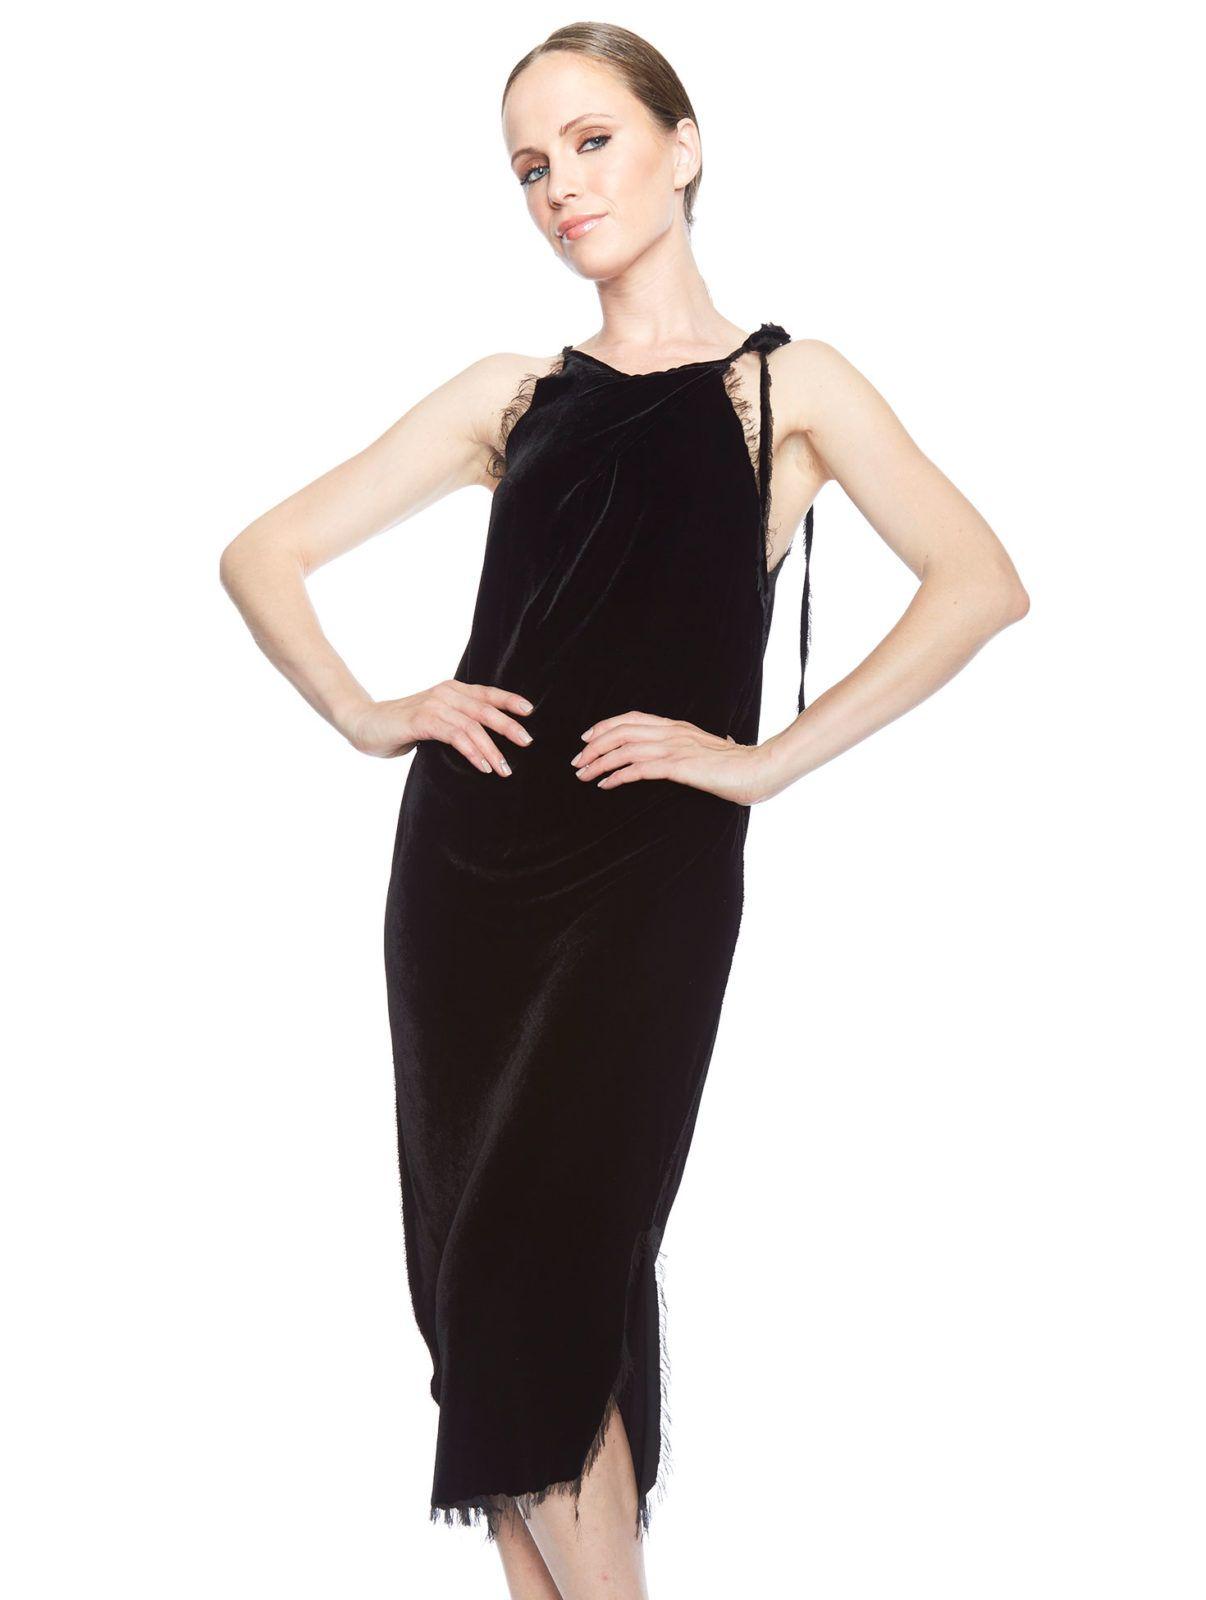 Velvet Dress - Black :https://www.amandamillsla.com/index.php/product/velvet-dress-black/